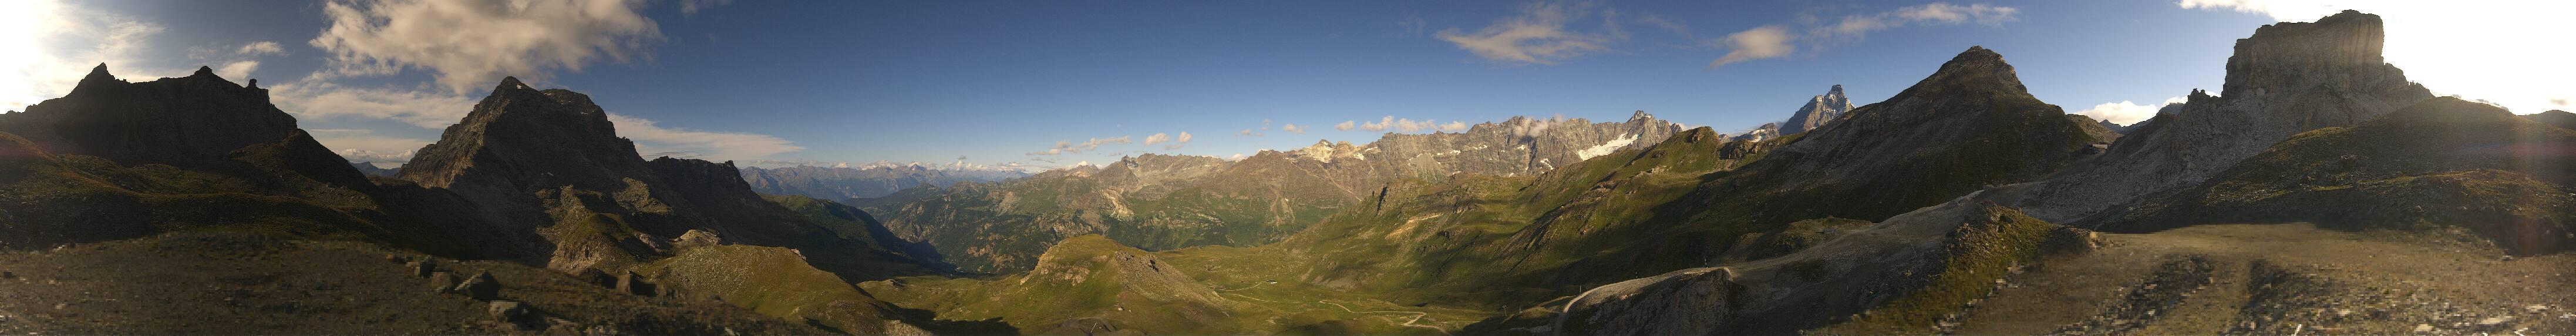 Valtournenche - Cime Bianche - Valtournenche Bec Carré